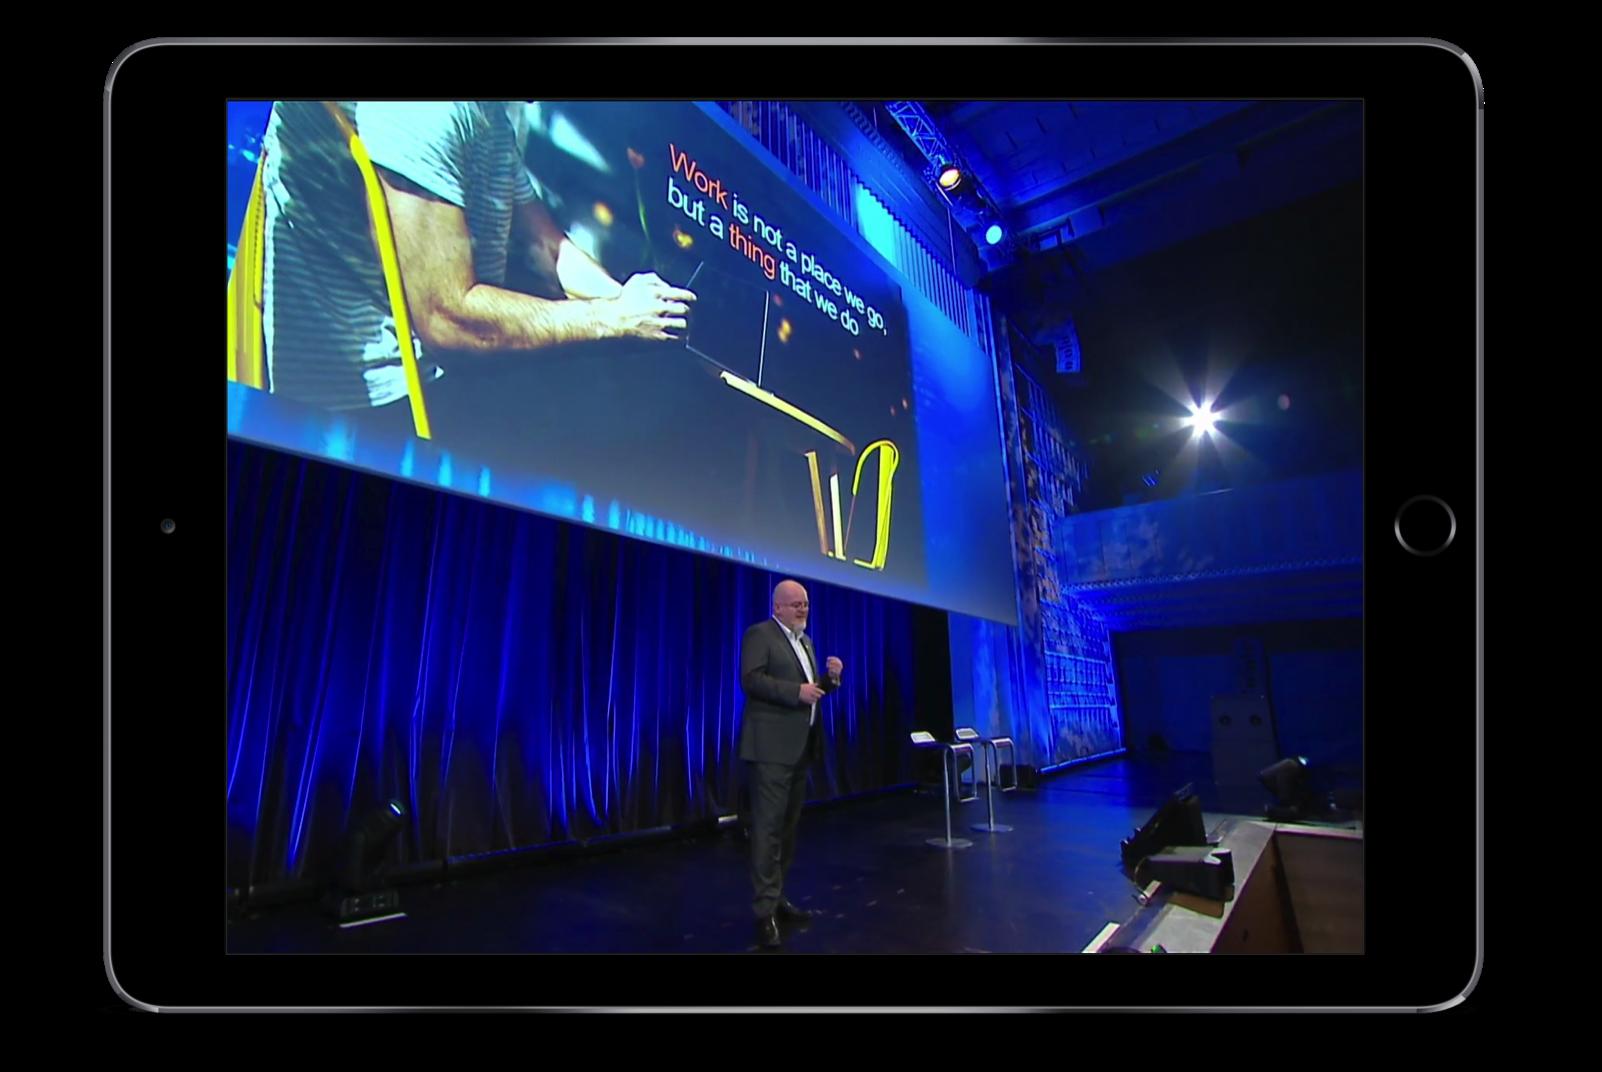 diffusion et retransmission en direct par un live streaming de conférence sur interner